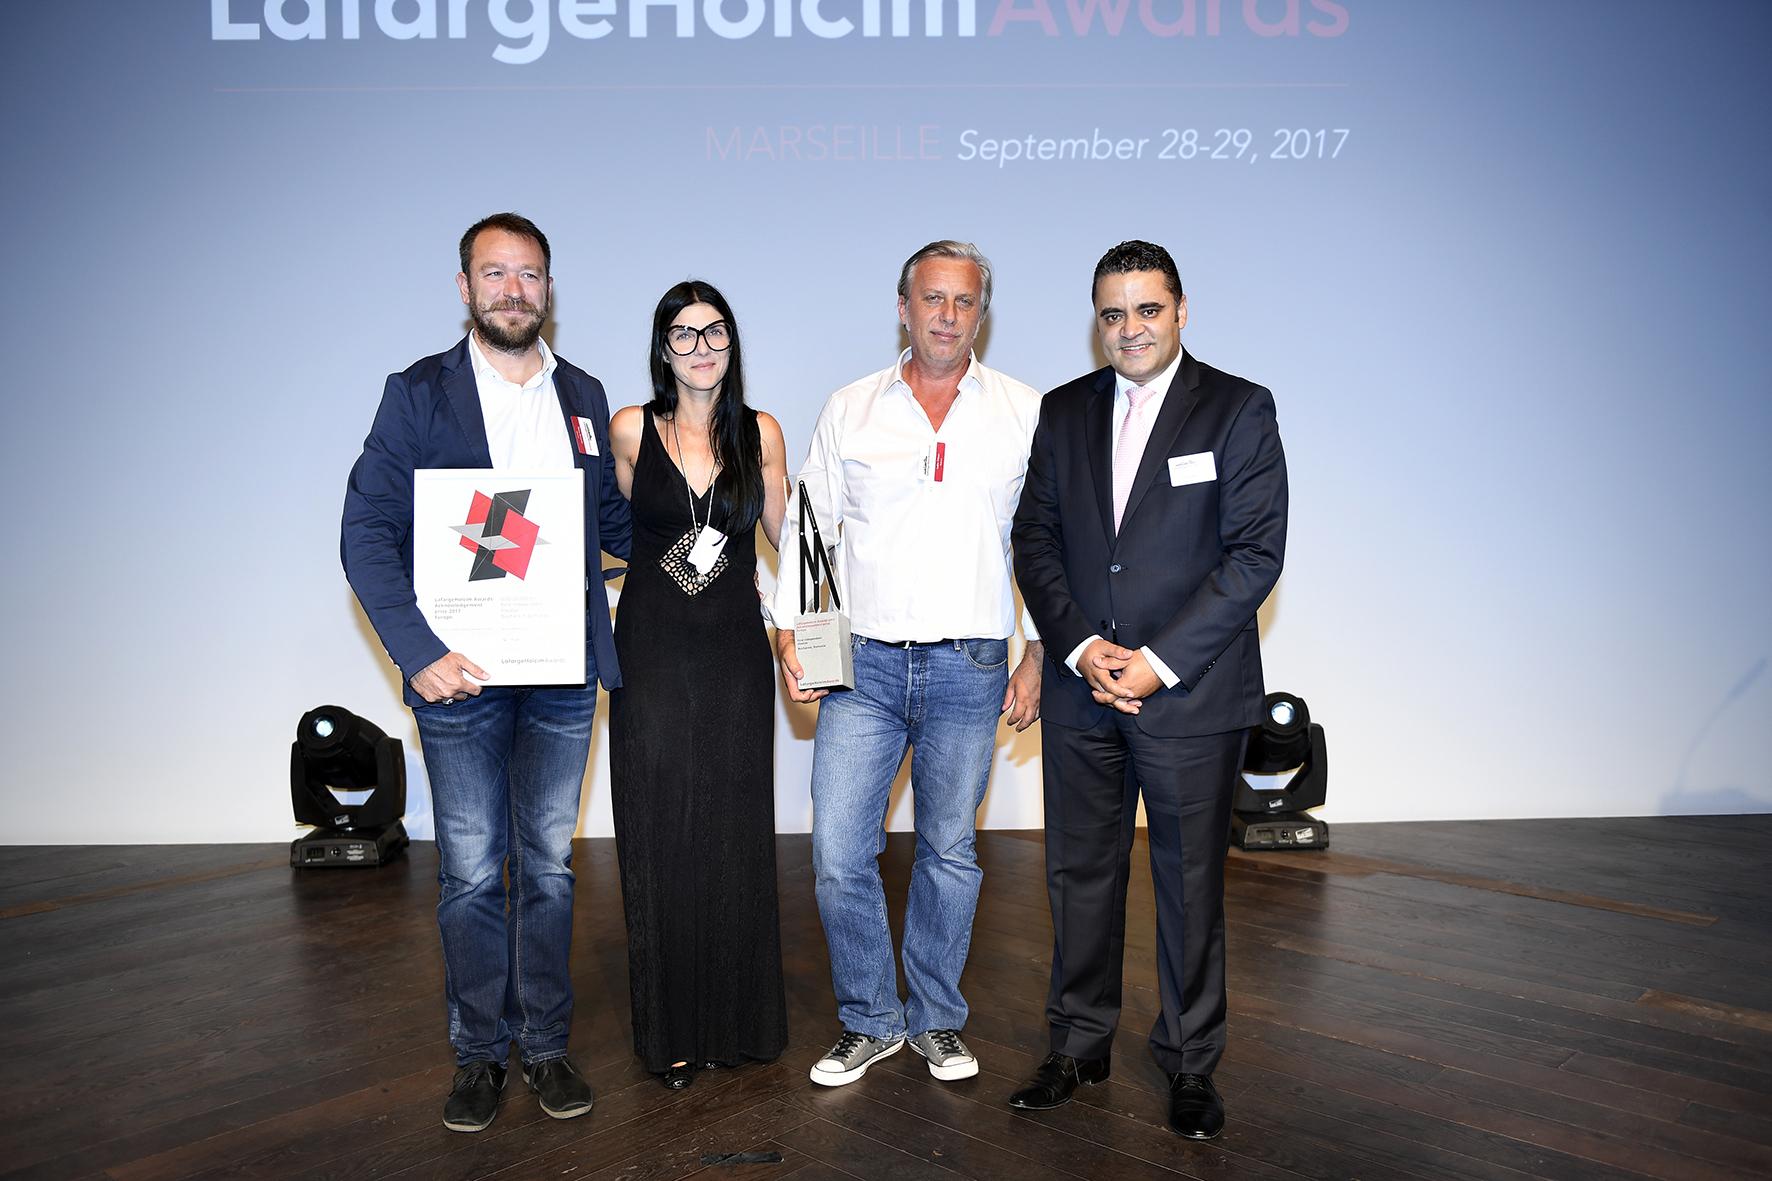 Proiectul Grivița 53 distins cu LafargeHolcim Awards Acknowledgement 2017 Europe